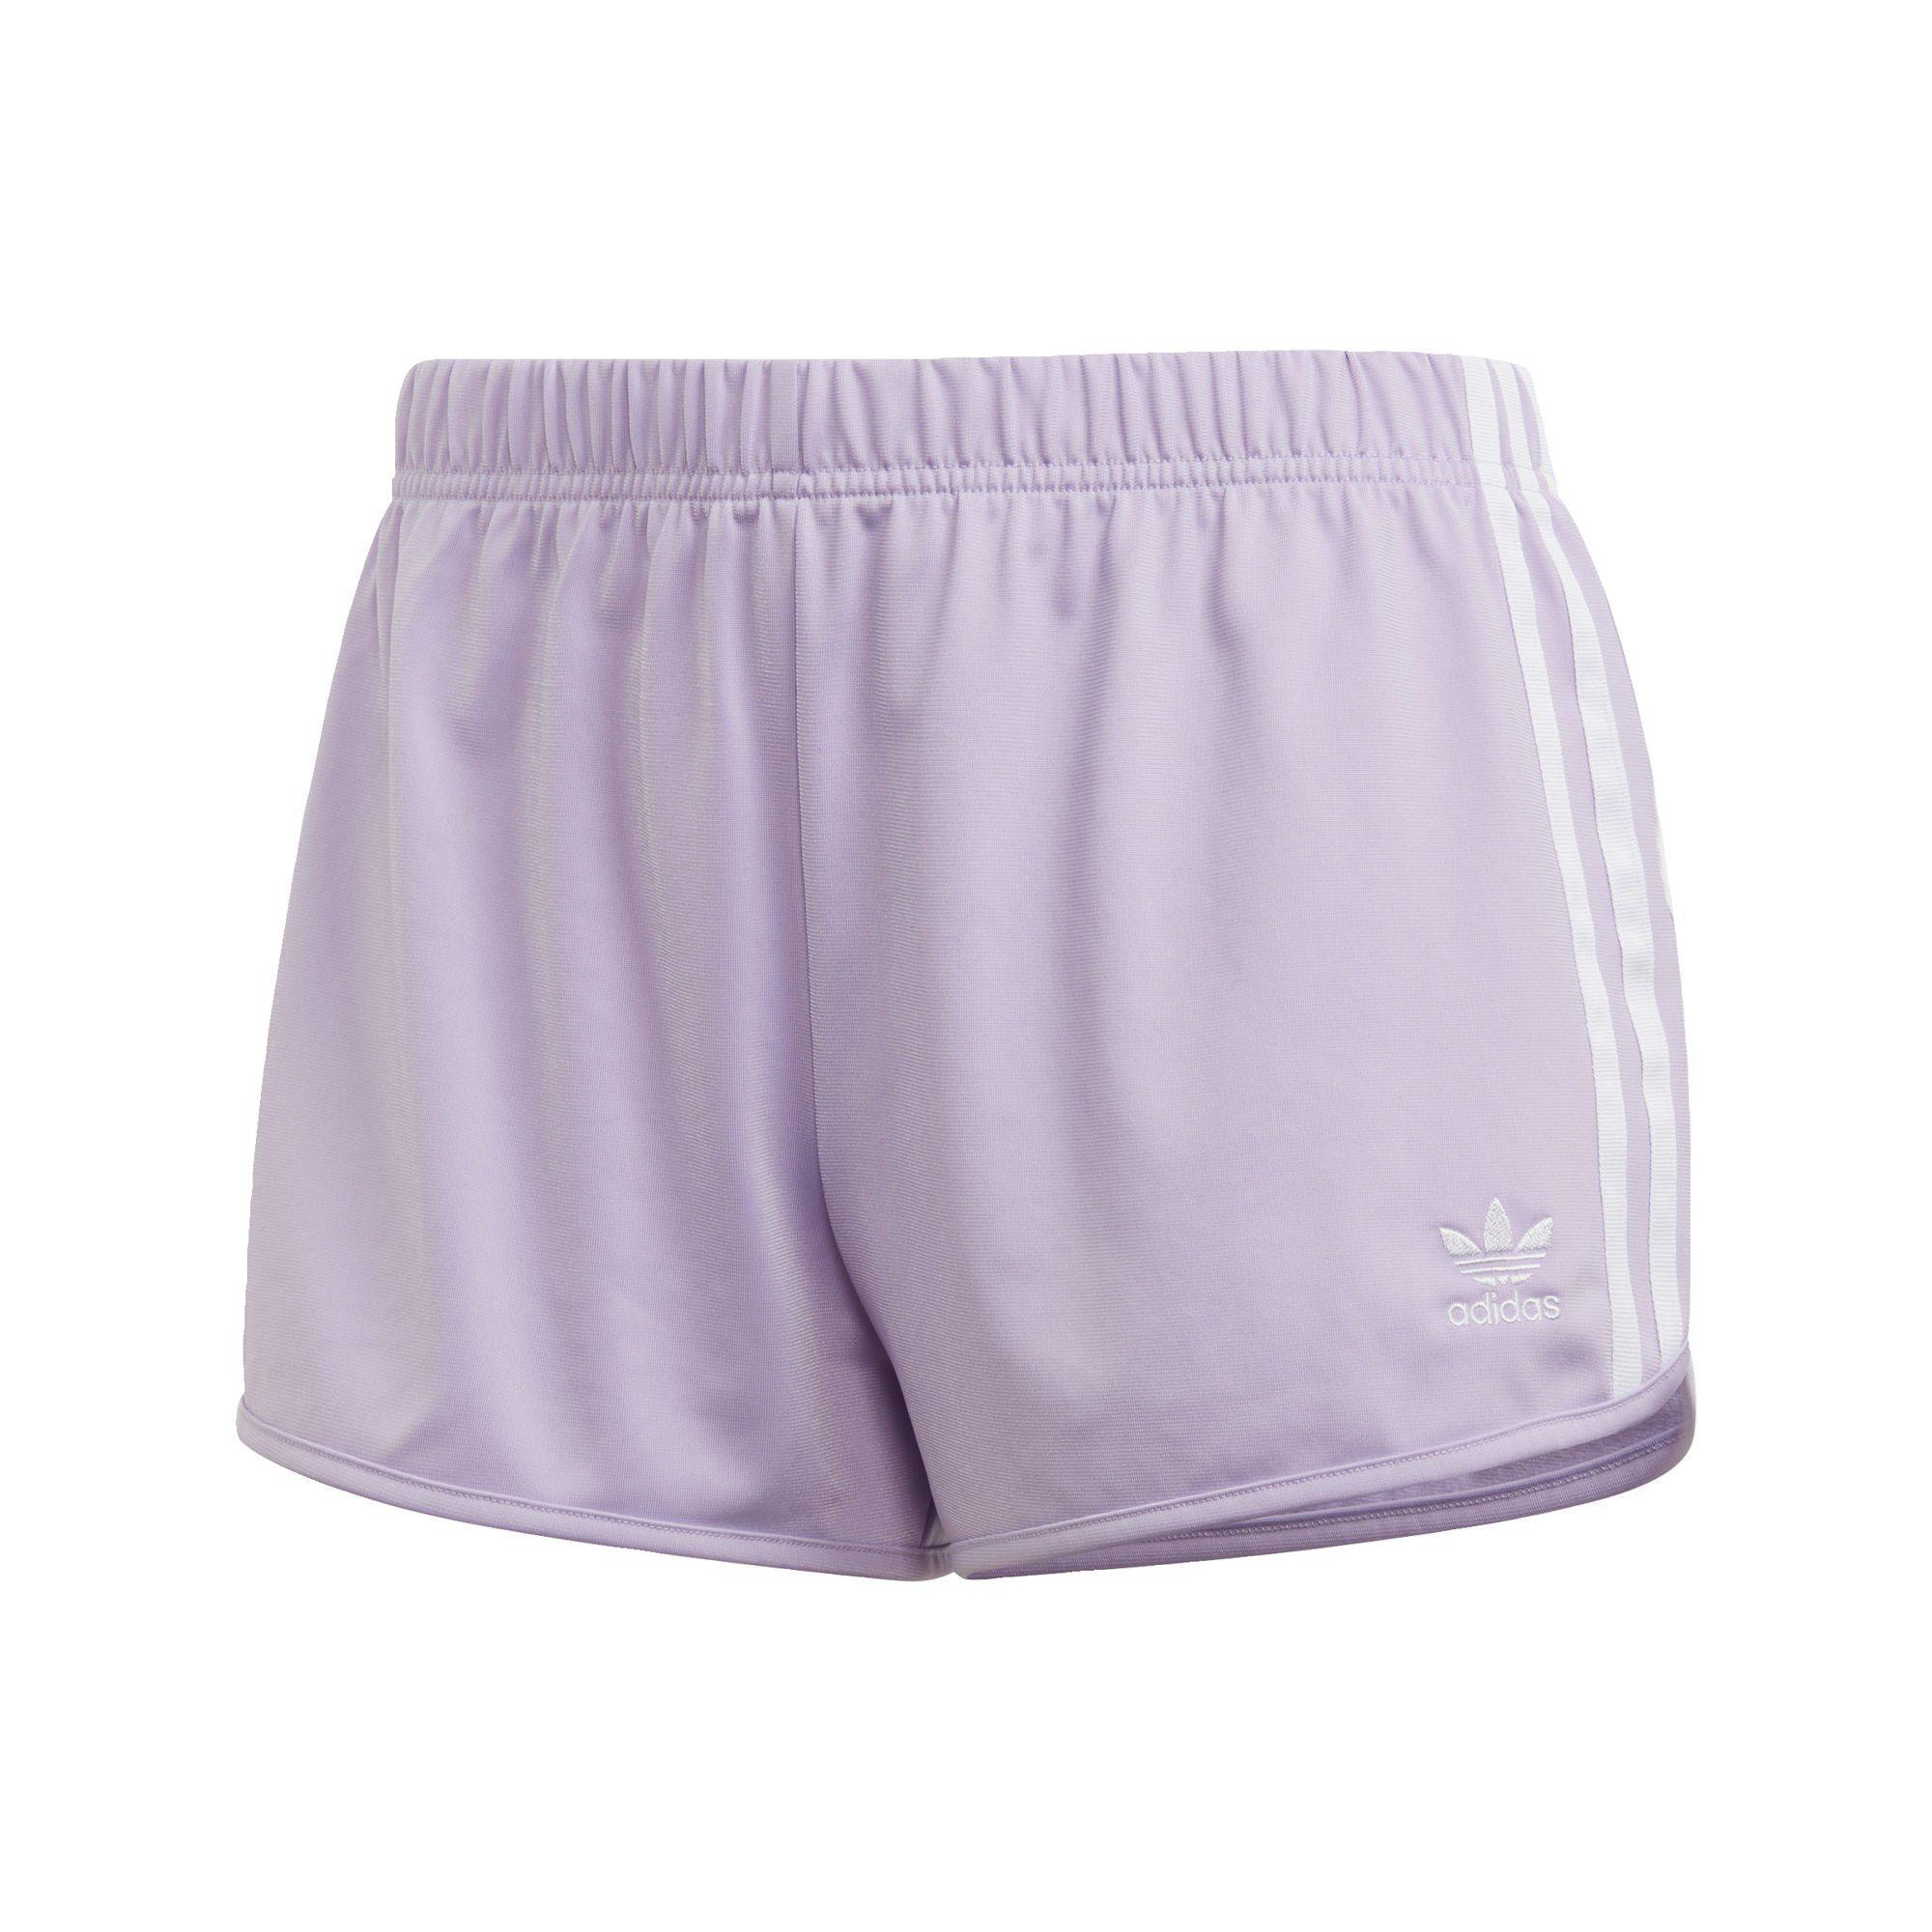 adidas Originals Shorts »3 Streifen Shorts« adicolor online kaufen | OTTO